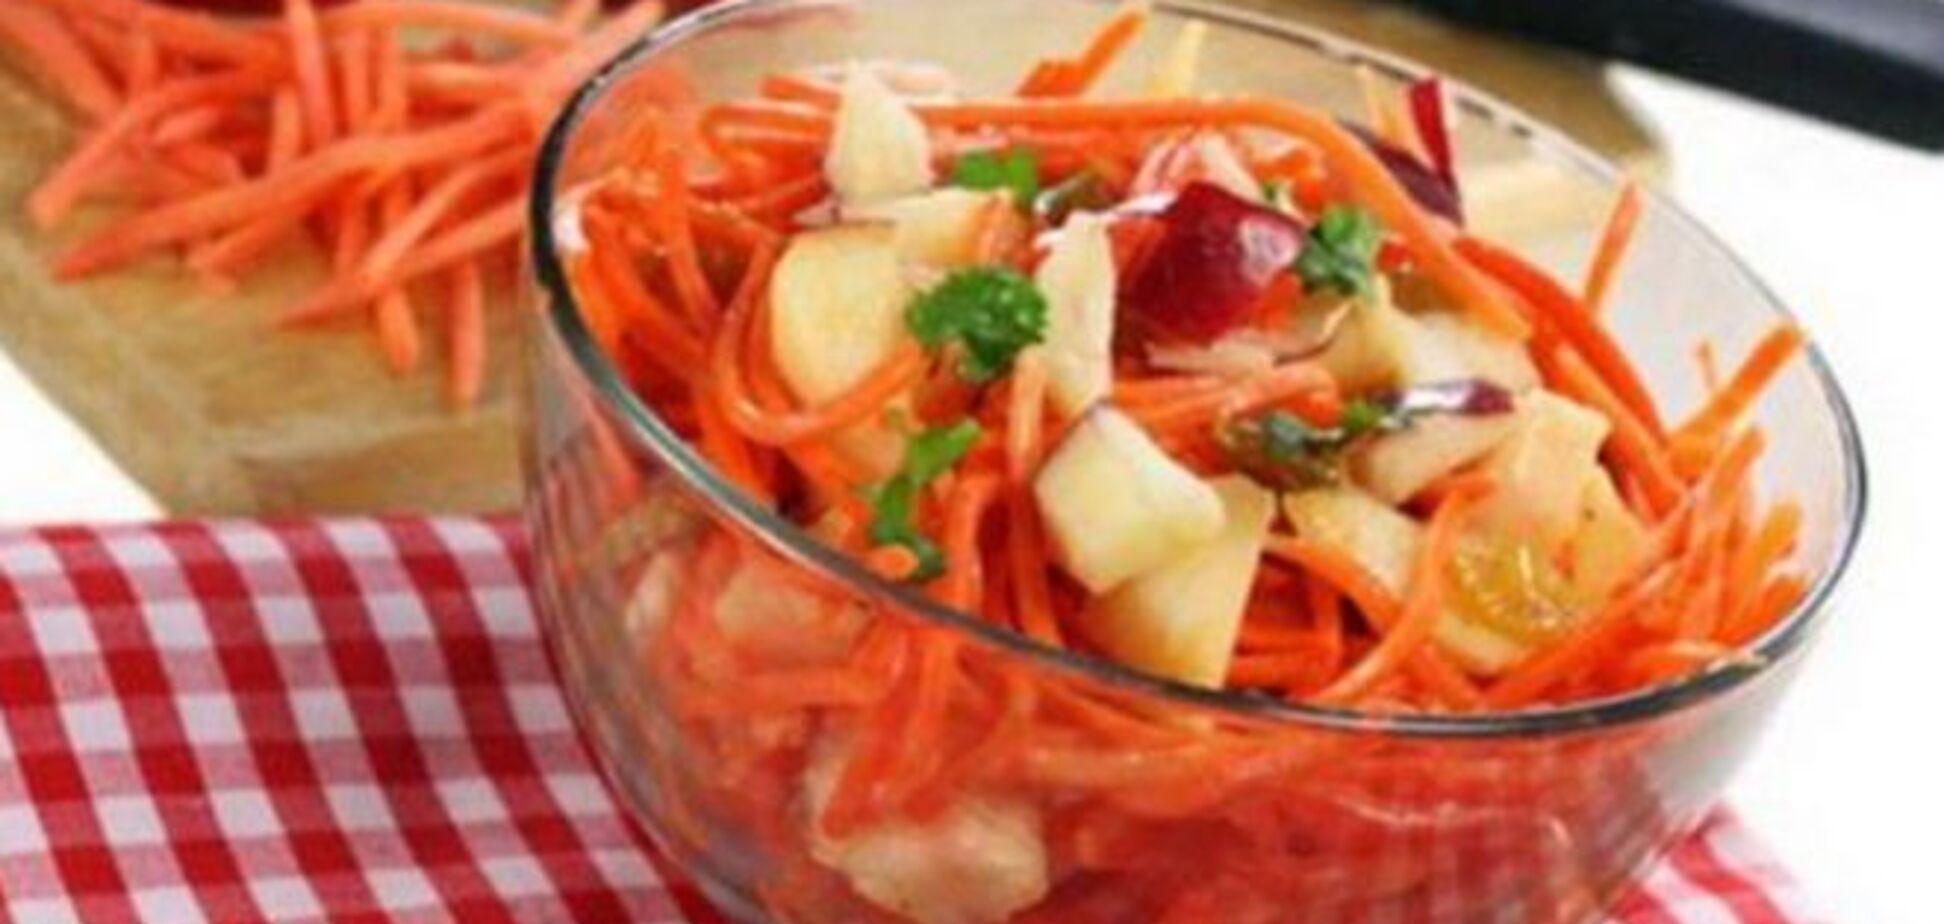 7 лучших рецептов салатов, которые очистят организм